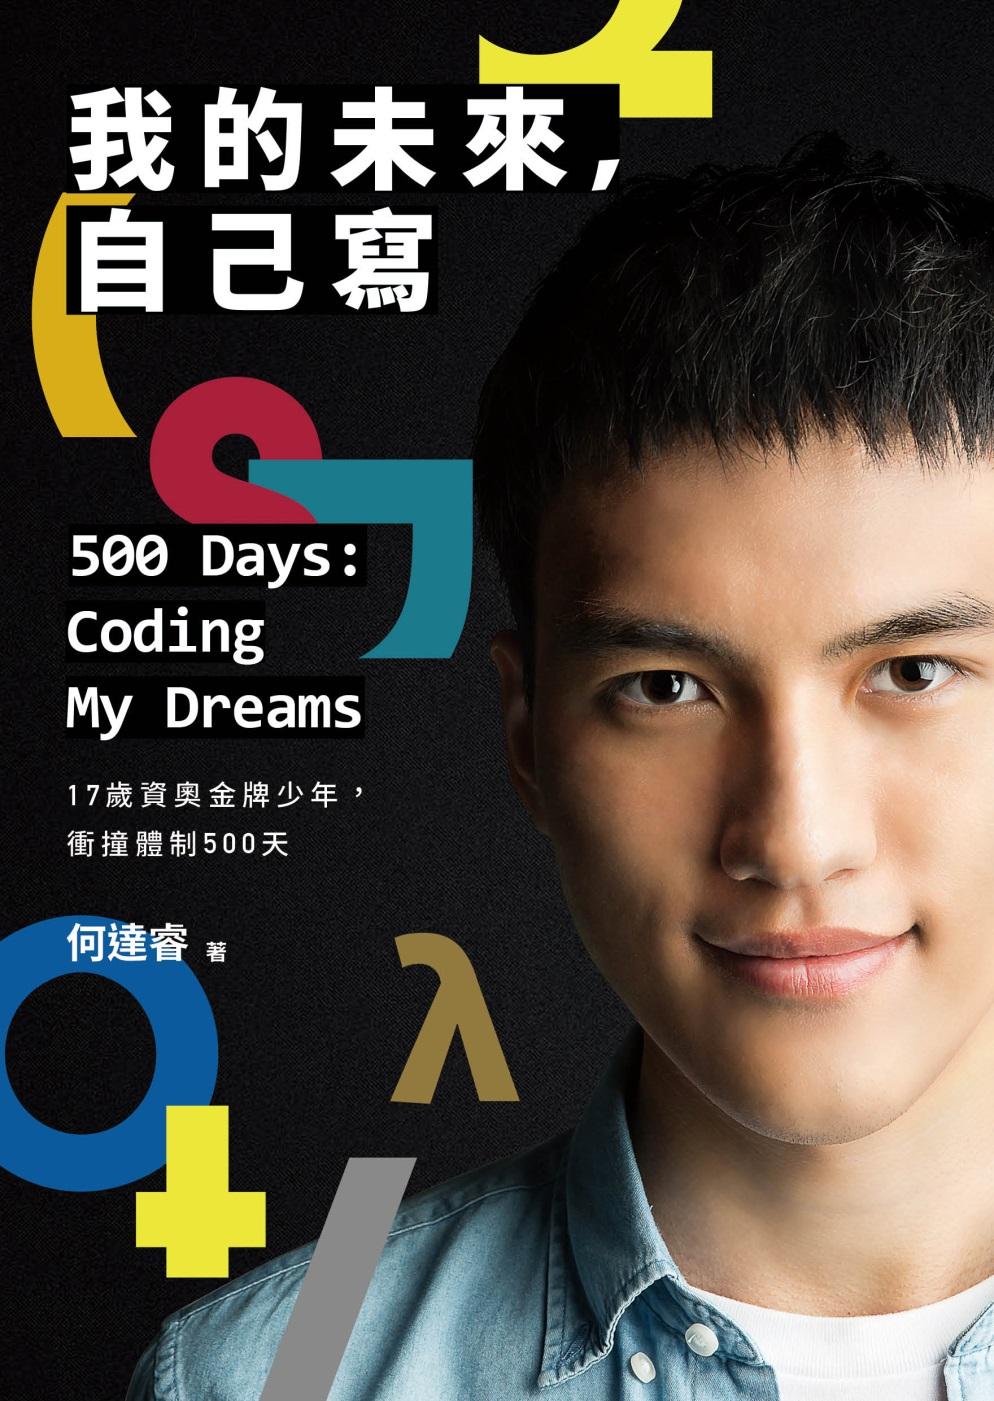 我的未來,自己寫:17歲資奧金牌少年,衝撞體制500天